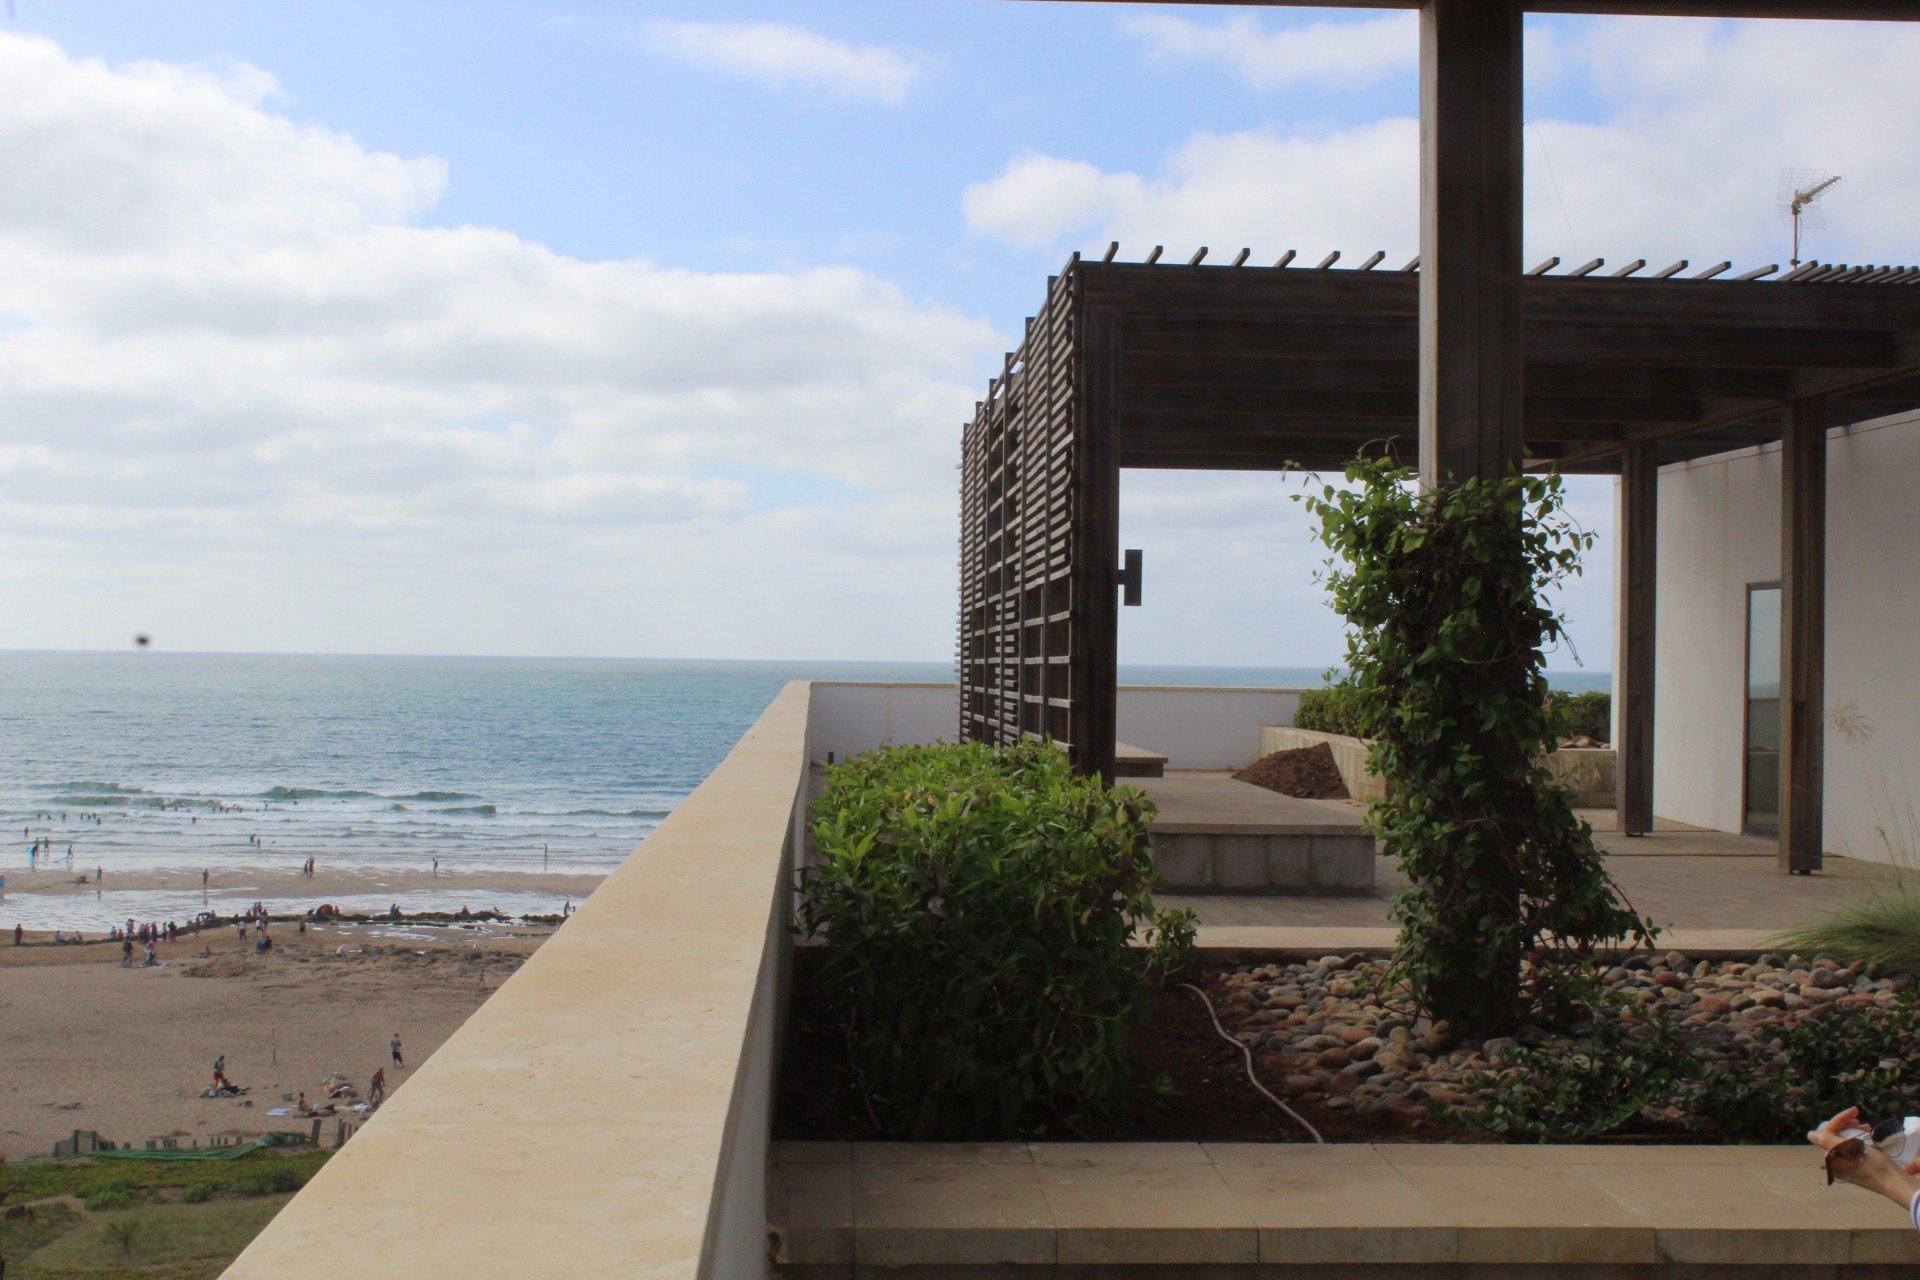 Casablanca (ANFA PLACE) Saisissez l'opportunité du privilege, en devenant locataire d'un logement d'exception face a l'ocean